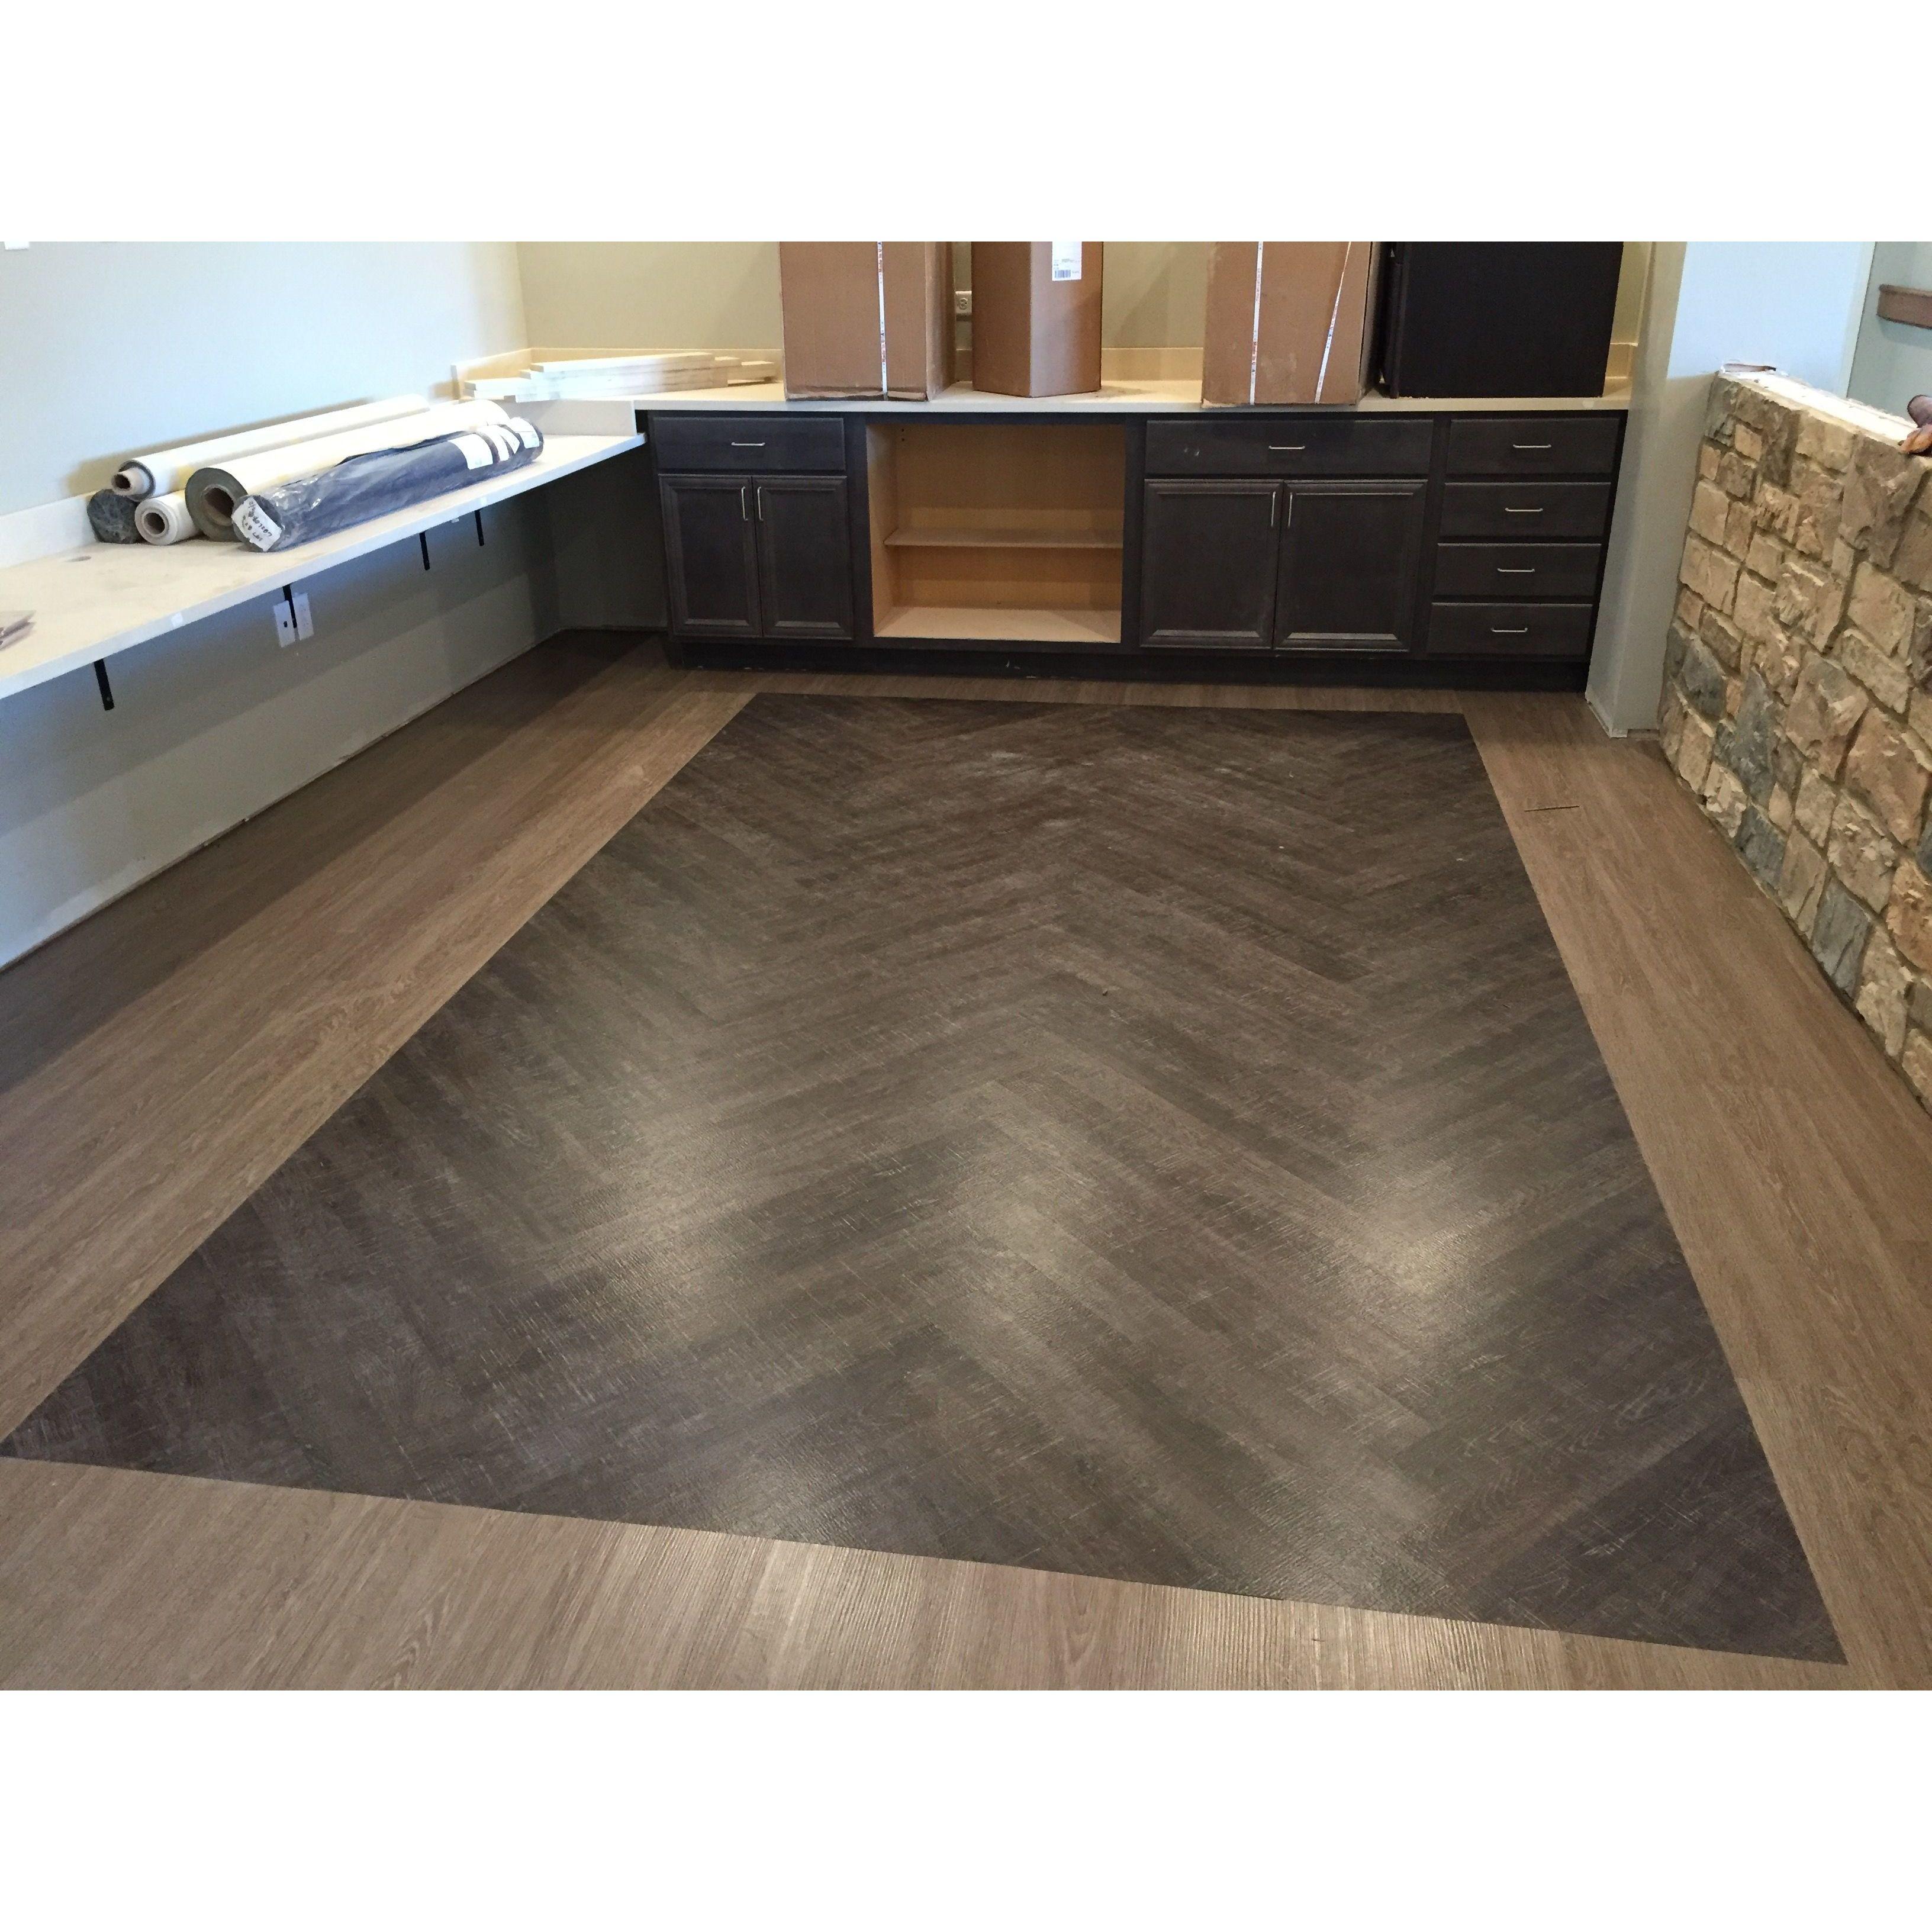 Vinny & Wes Flooring LLC